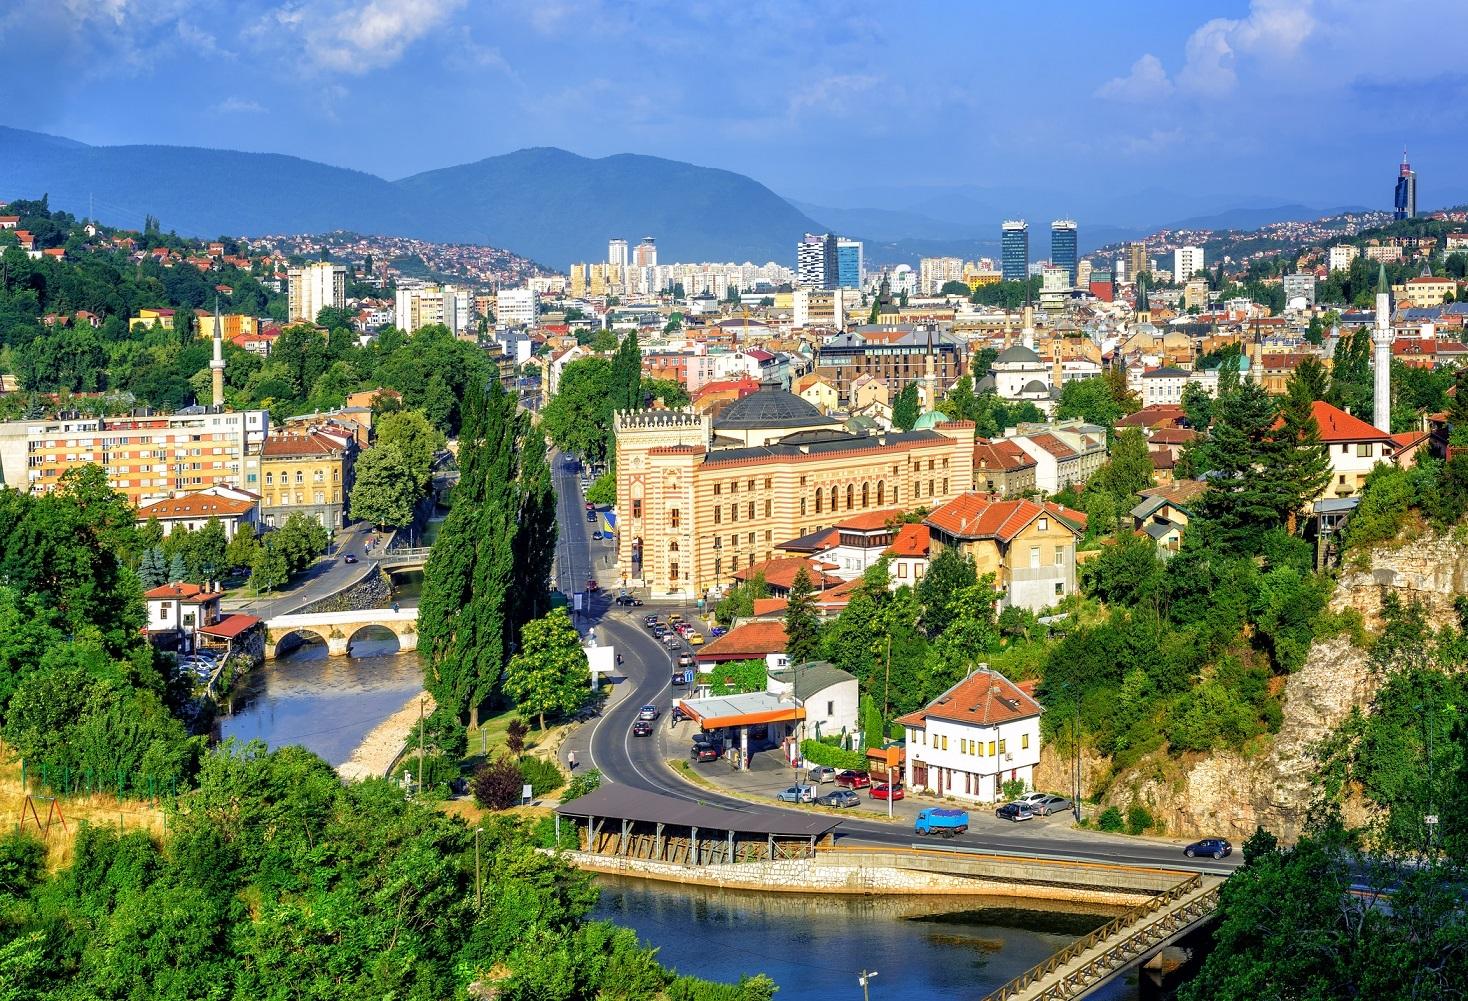 Sarajevo city, capital of Bosnia and Herzegovina